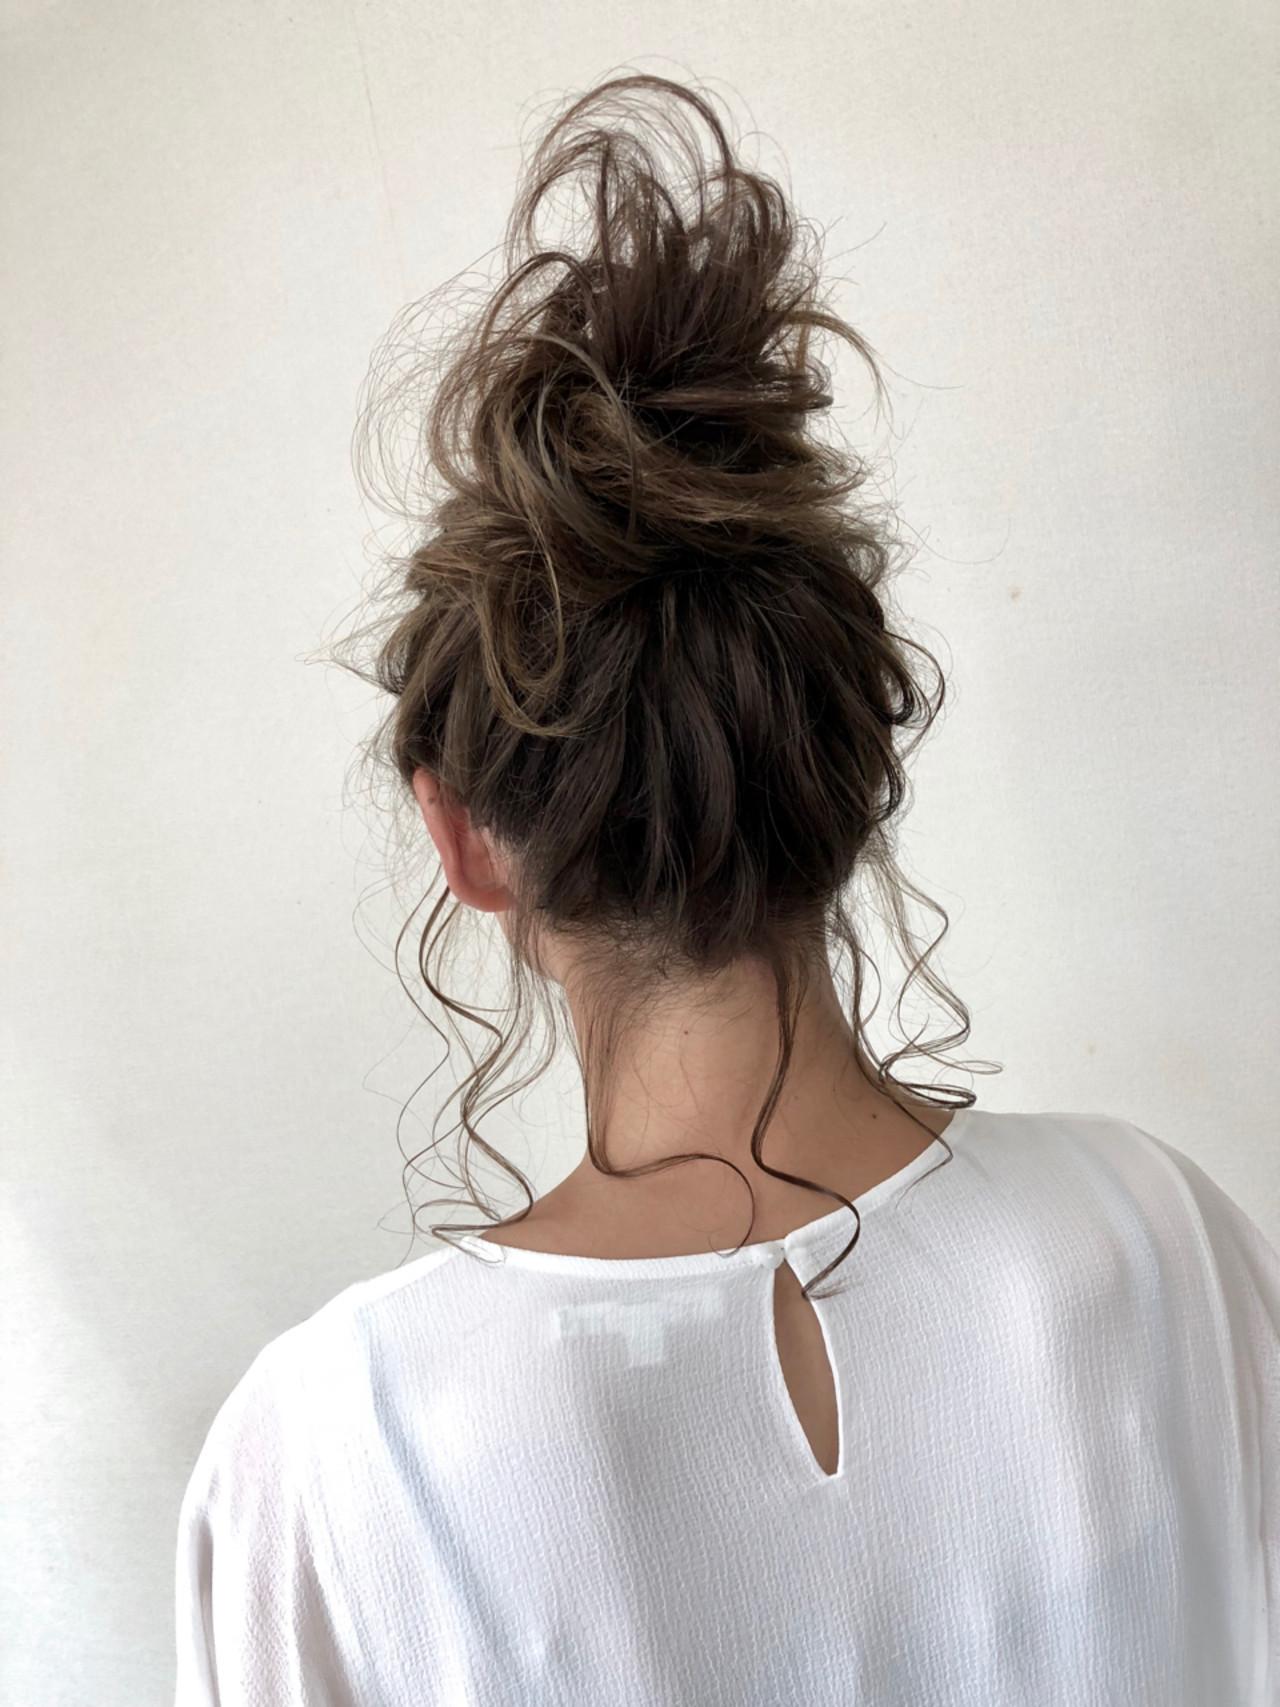 フェミニン ゆるふわ ヘアアレンジ ミディアム ヘアスタイルや髪型の写真・画像